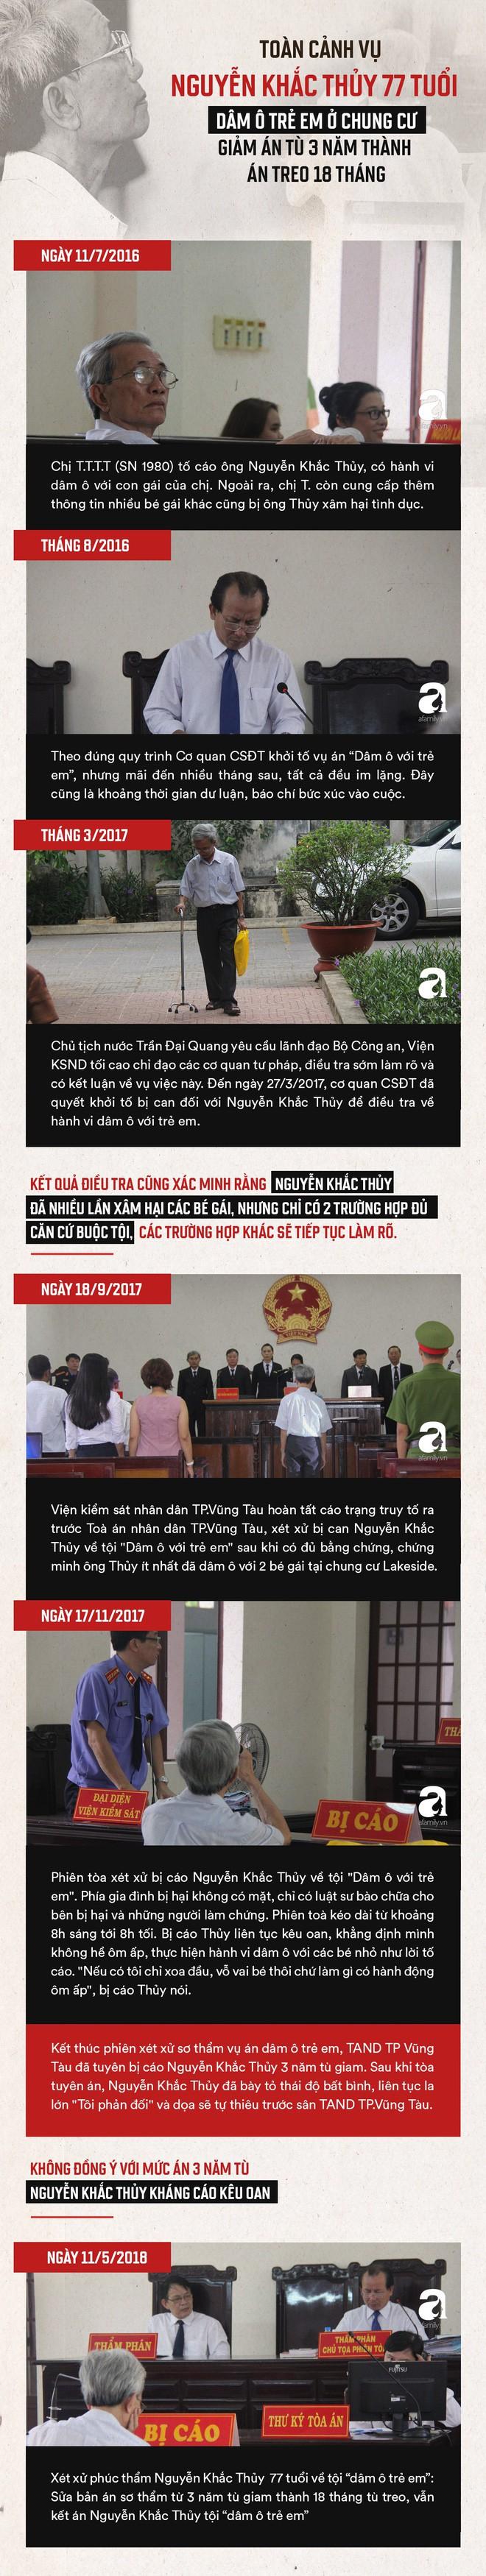 Toàn cảnh vụ Nguyễn Khắc Thủy 77 tuổi dâm ô trẻ em ở chung cư, được giảm án tù 3 năm thành án treo 18 tháng - Ảnh 1.